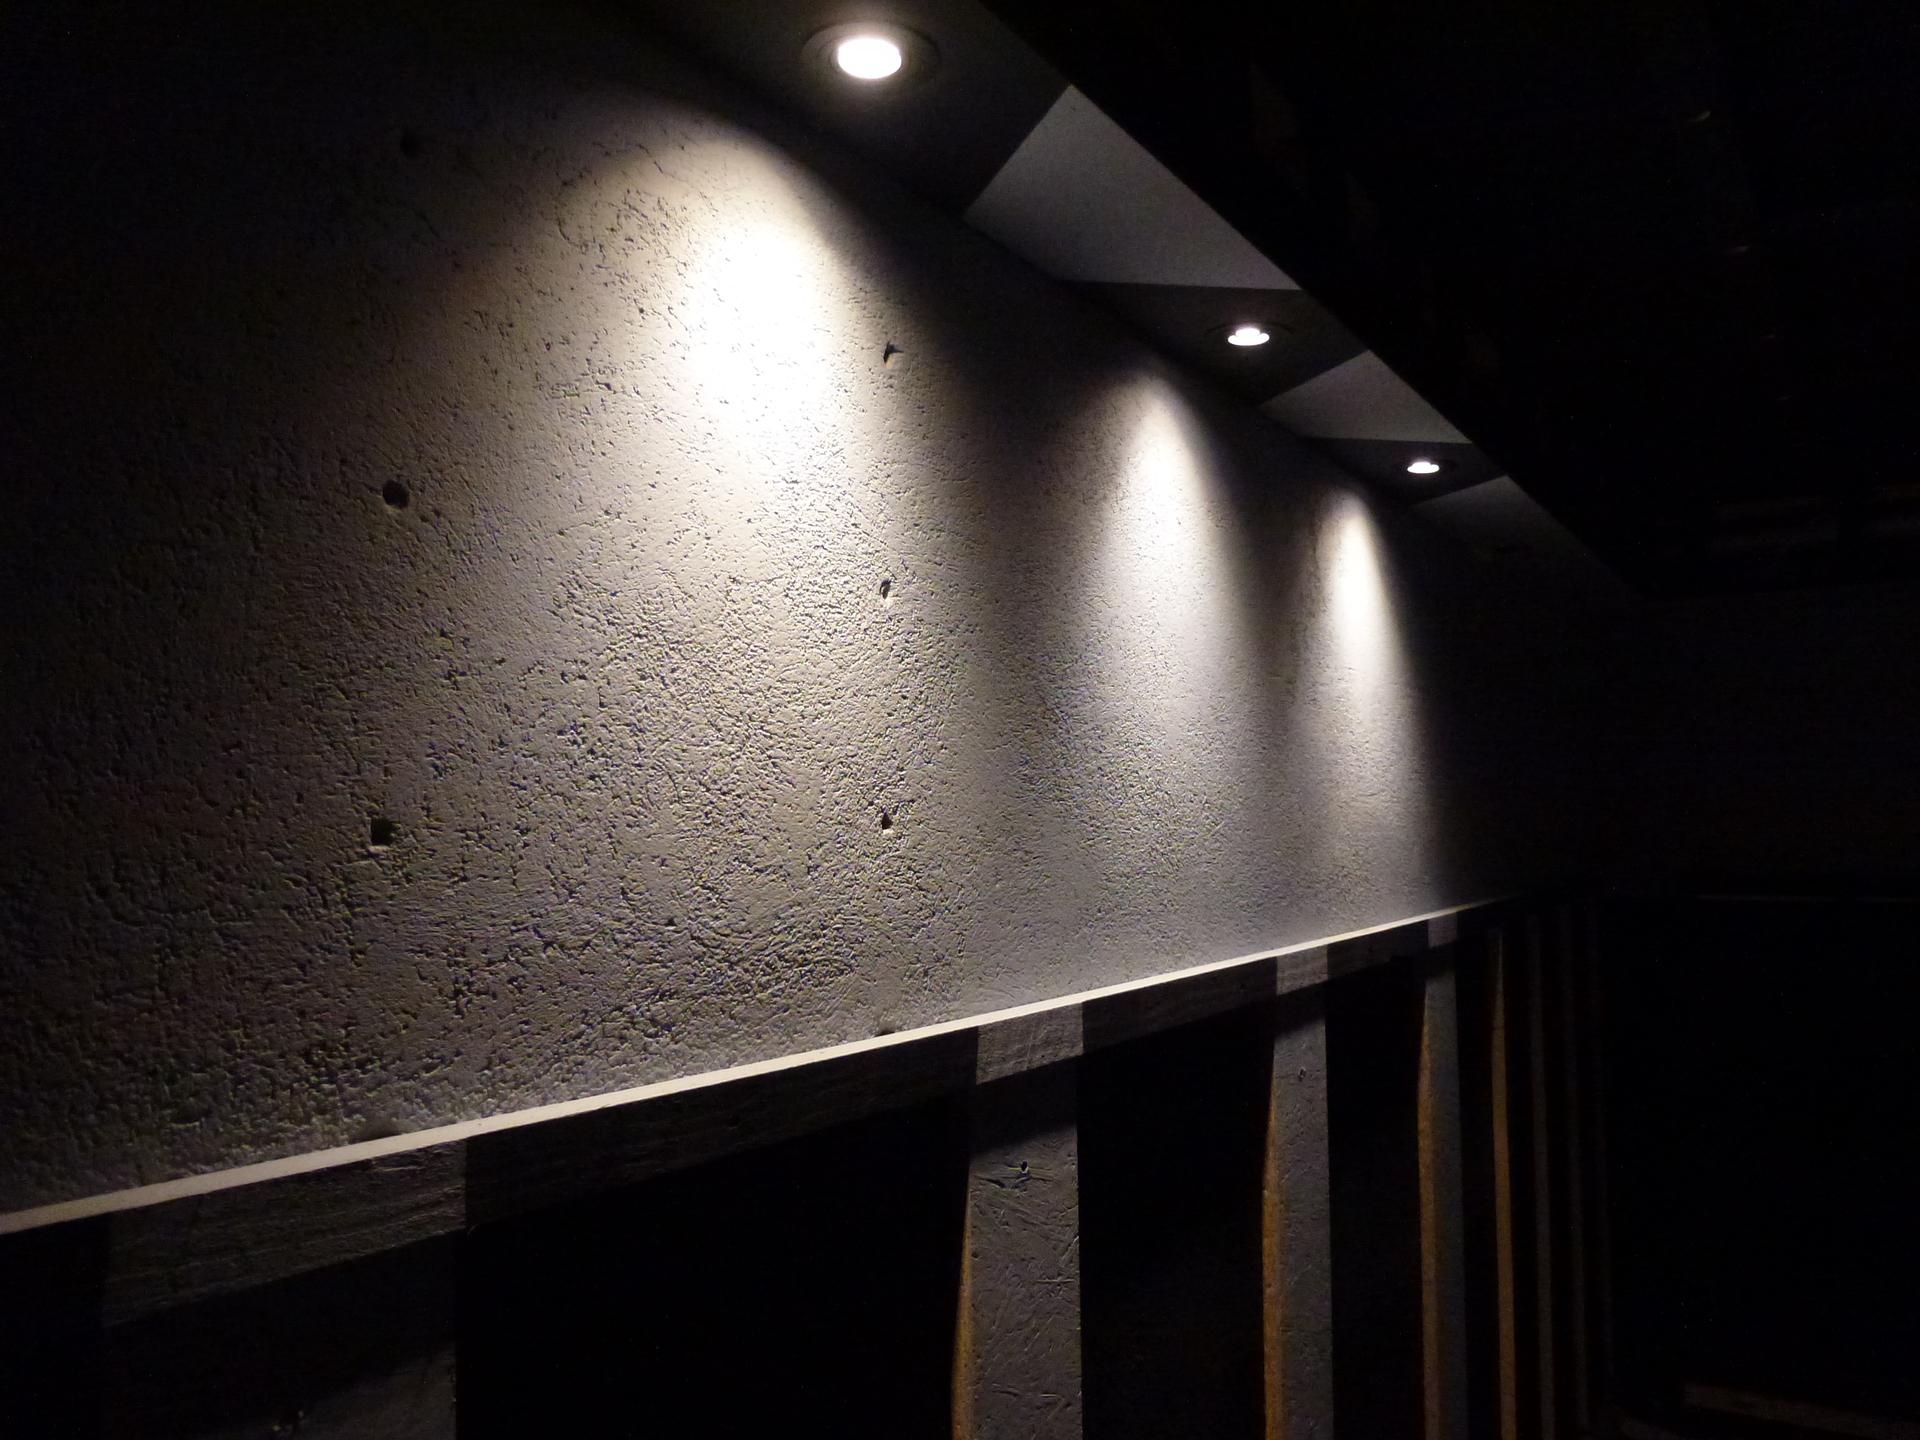 hk led spot beleuchtung beleuchtung hk ledspot hifi bildergalerie. Black Bedroom Furniture Sets. Home Design Ideas